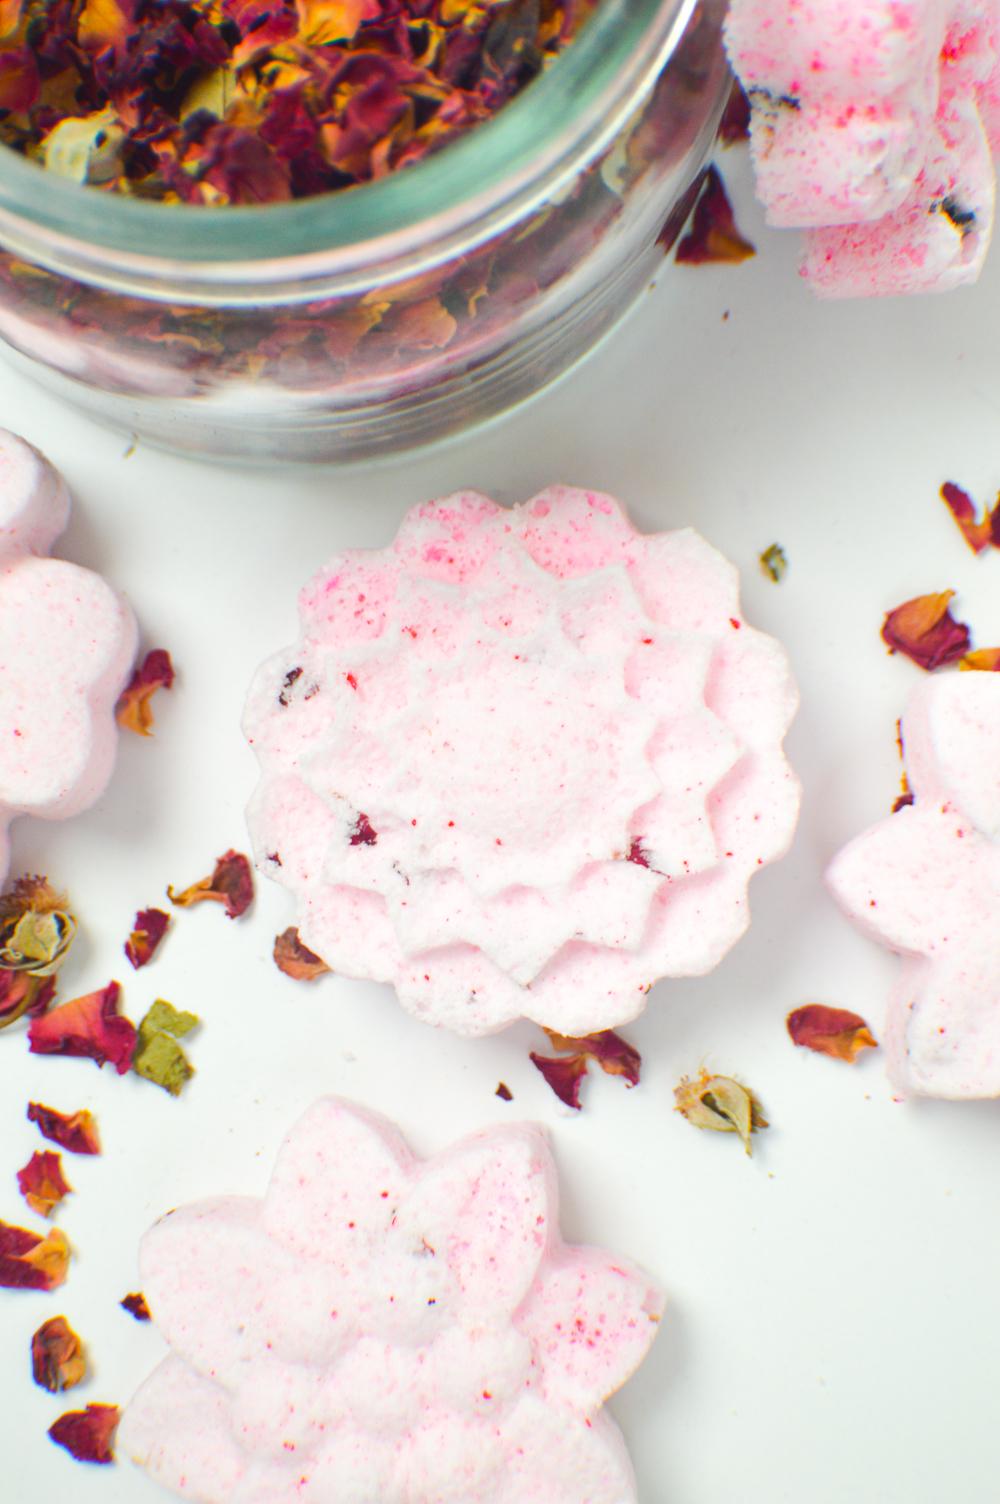 DIY Floral Bath Bombs | www.clubcrafted.com